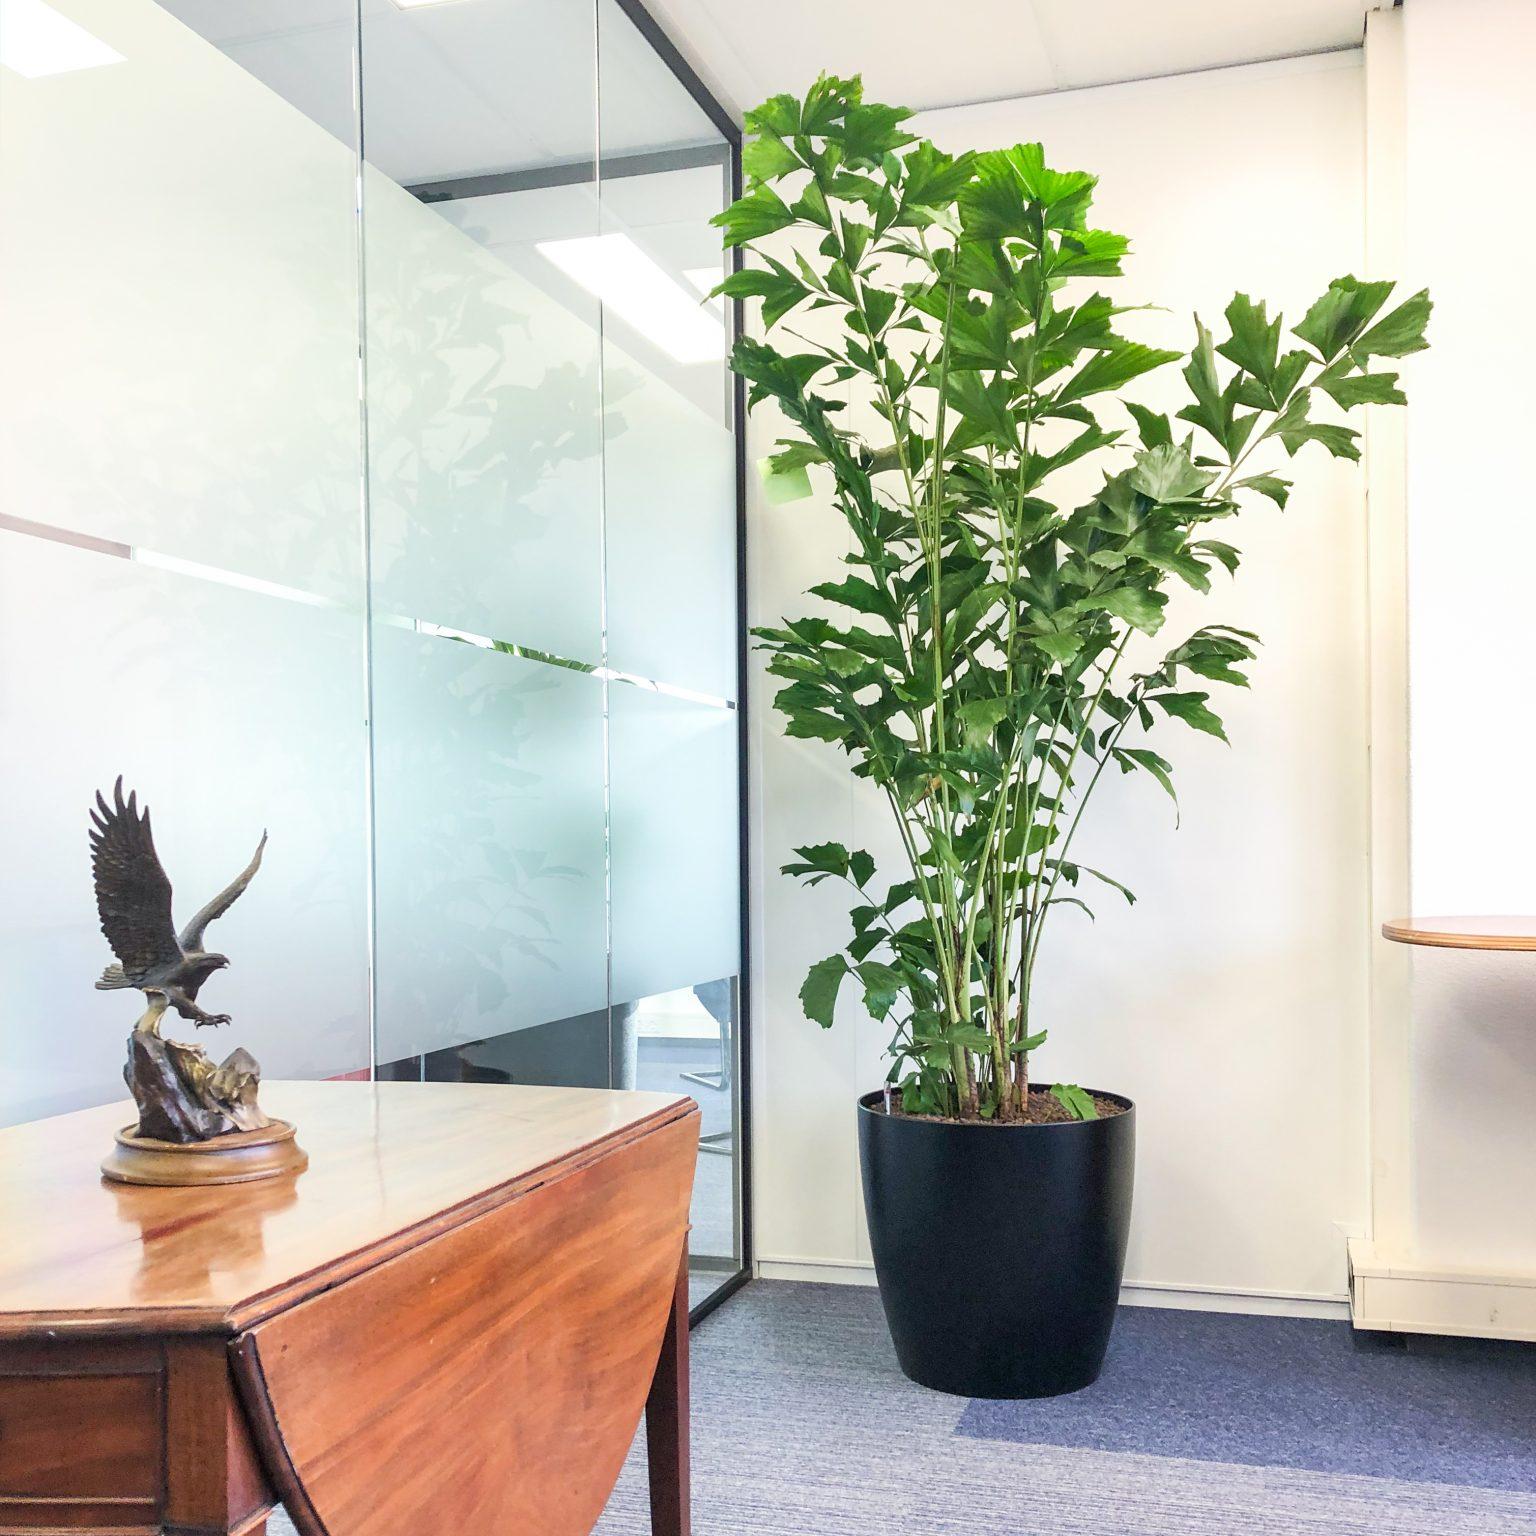 Planten voor een goede luchtkwaliteit op kantoor